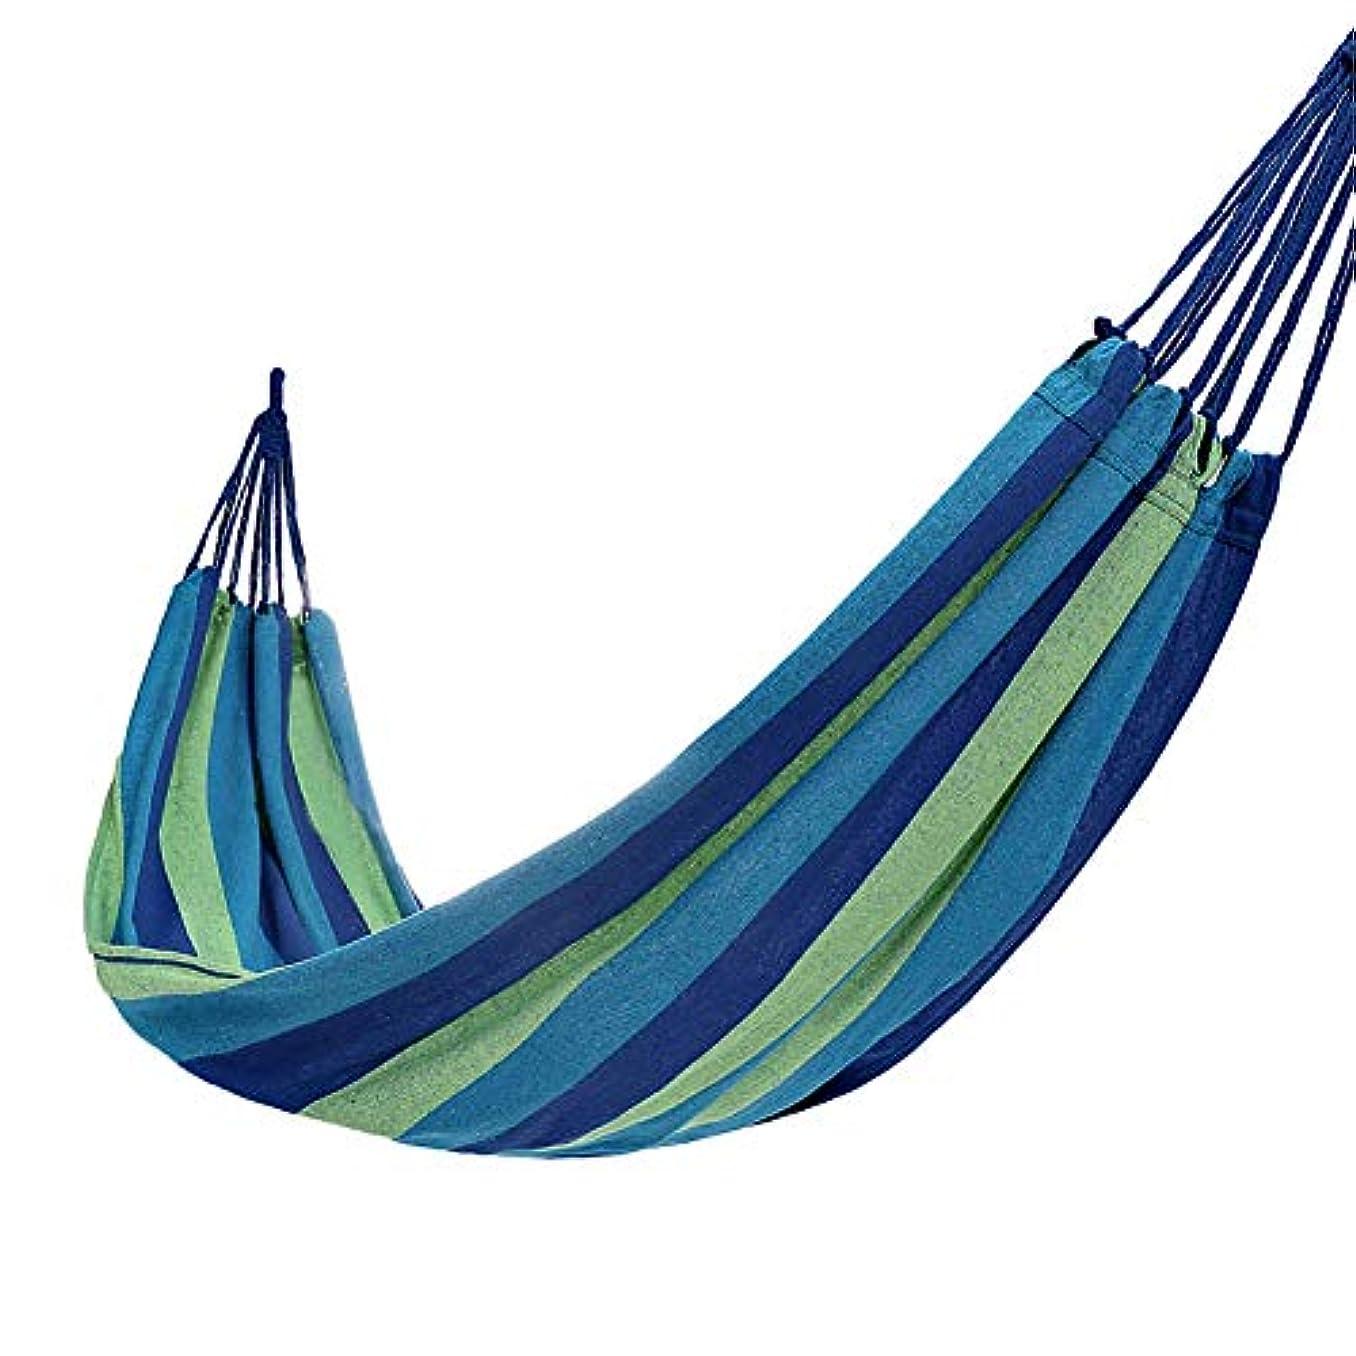 天井ダニ気付くポータブル キャンプのハンモック, キャンバス トラベル ハンモック, 1 超軽量 持続可能です 通気性 速乾 ビーチ 庭 ヤード のんびり